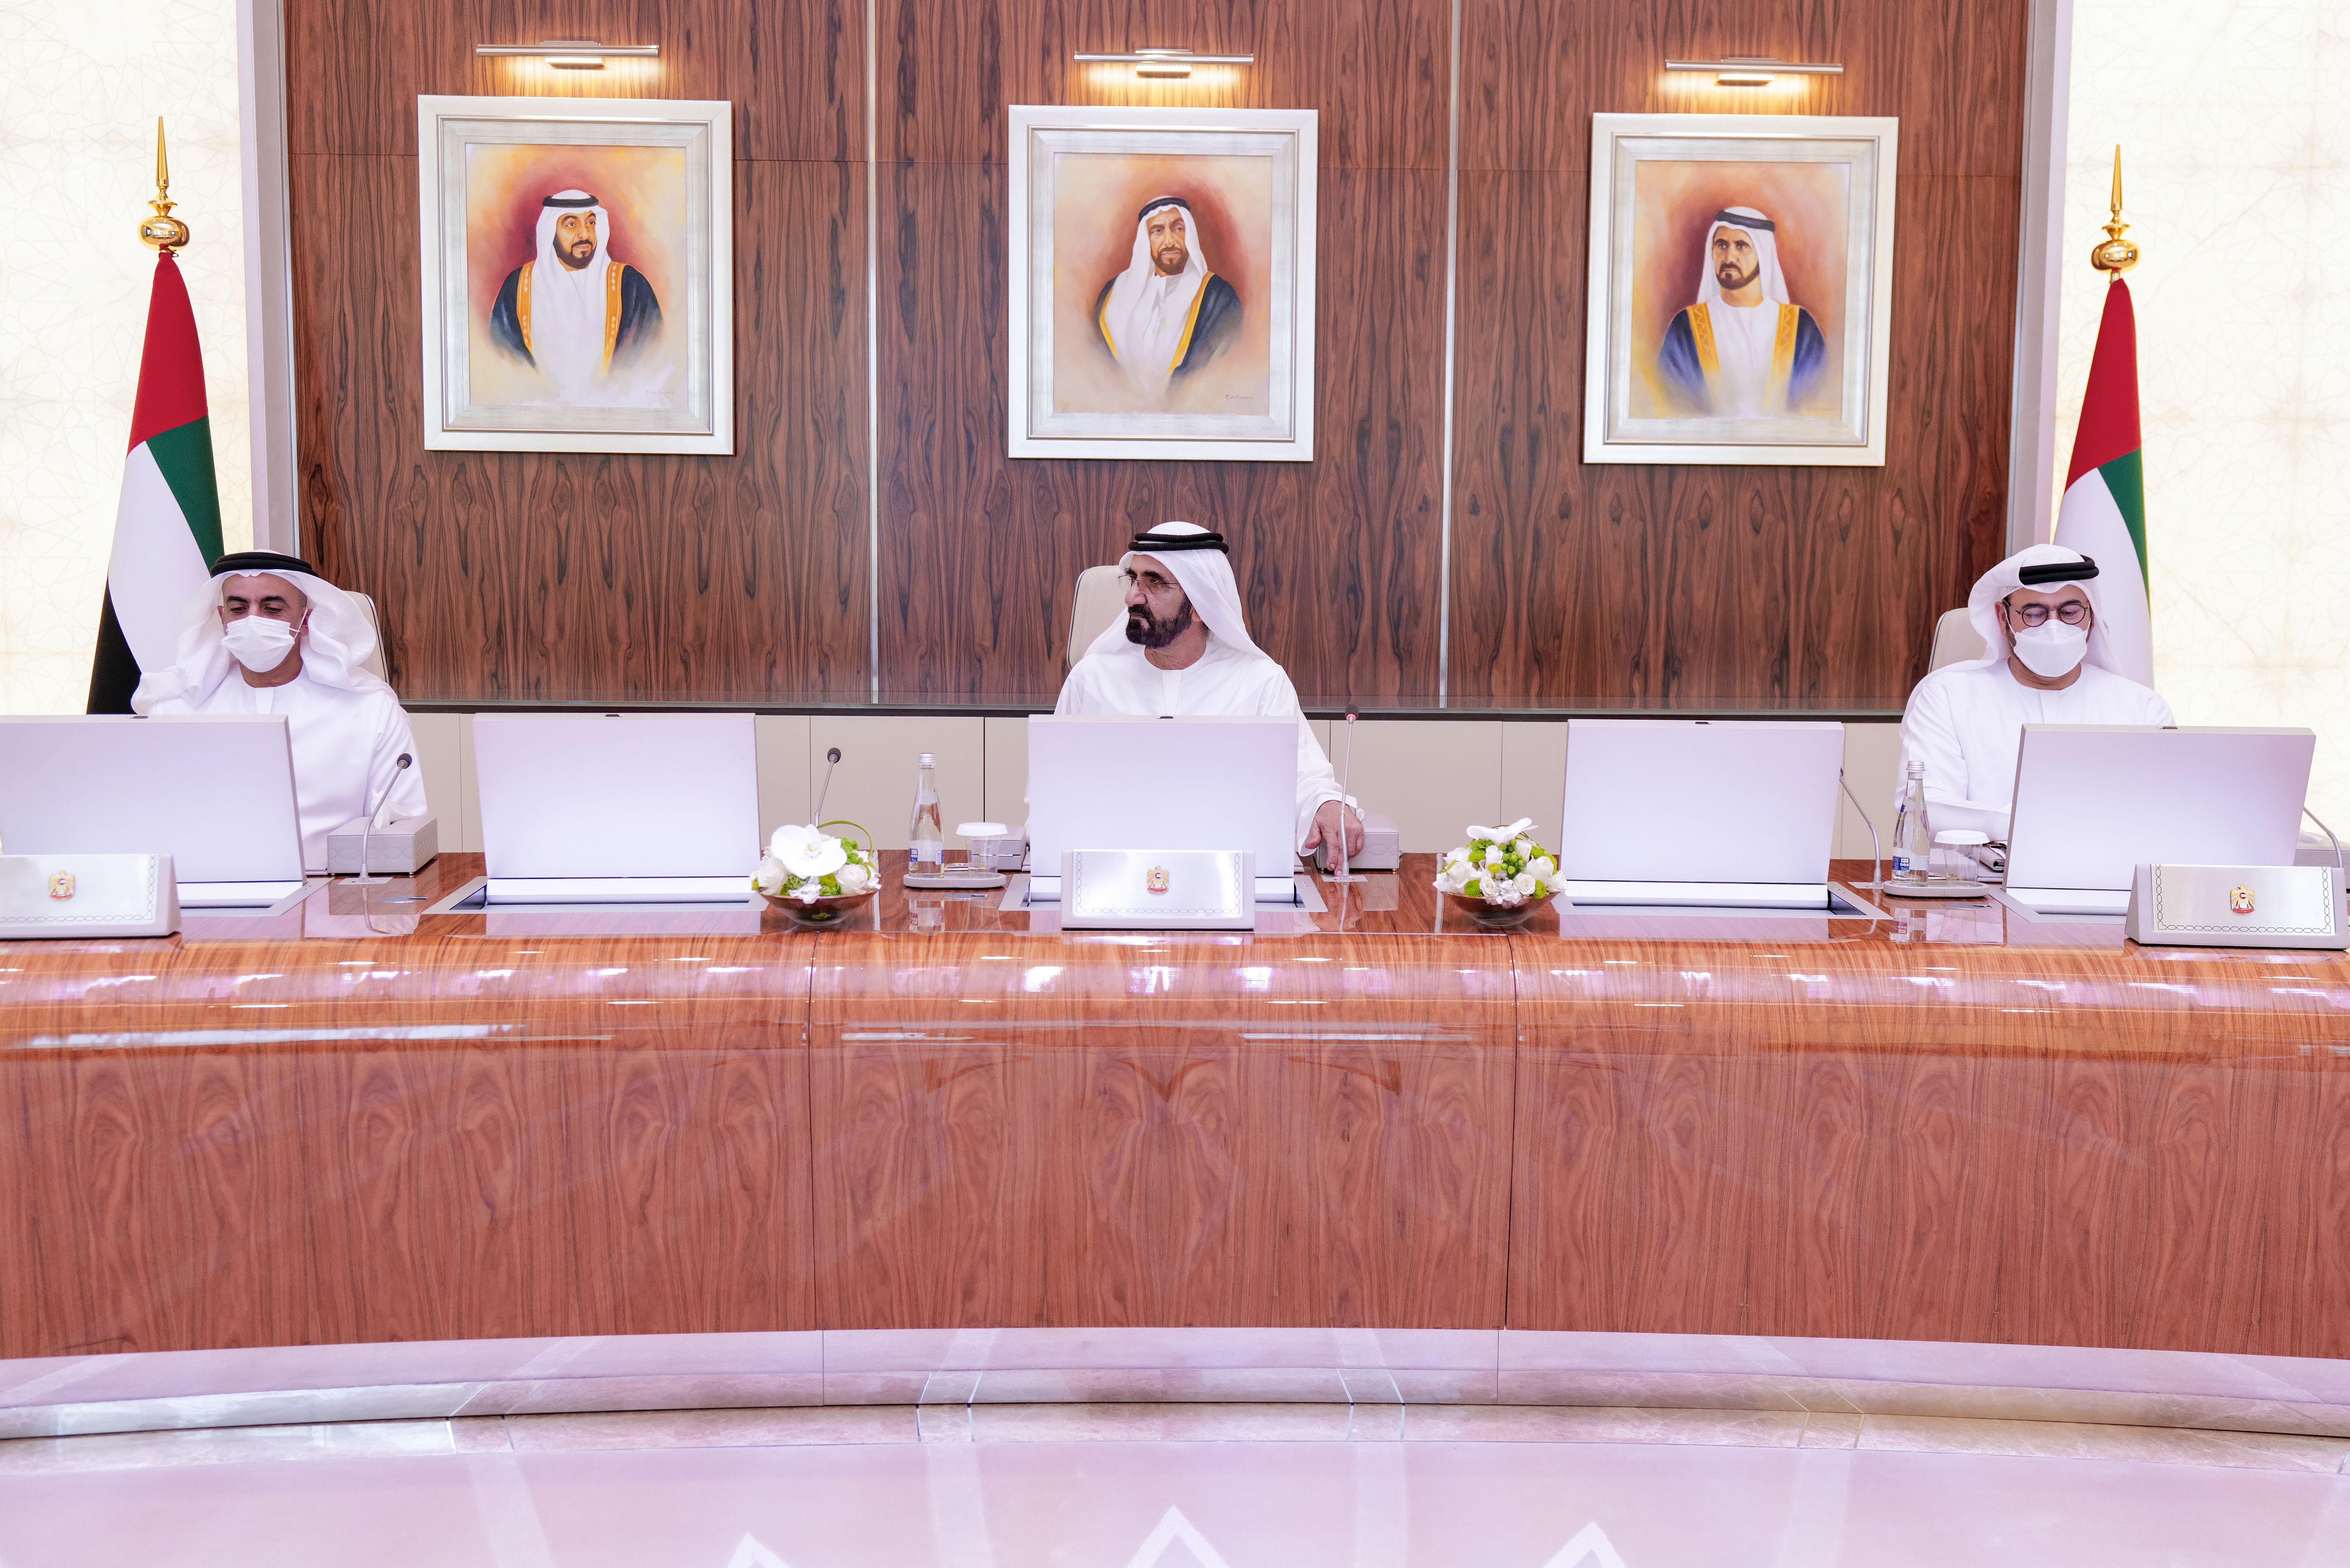 صاحب السمو الشيخ محمد بن راشد آل مكتوم - مجلس الوزراء برئاسة محمد بن راشد يعتمد العمل بمبادئ الخمسين لدولة الإمارات